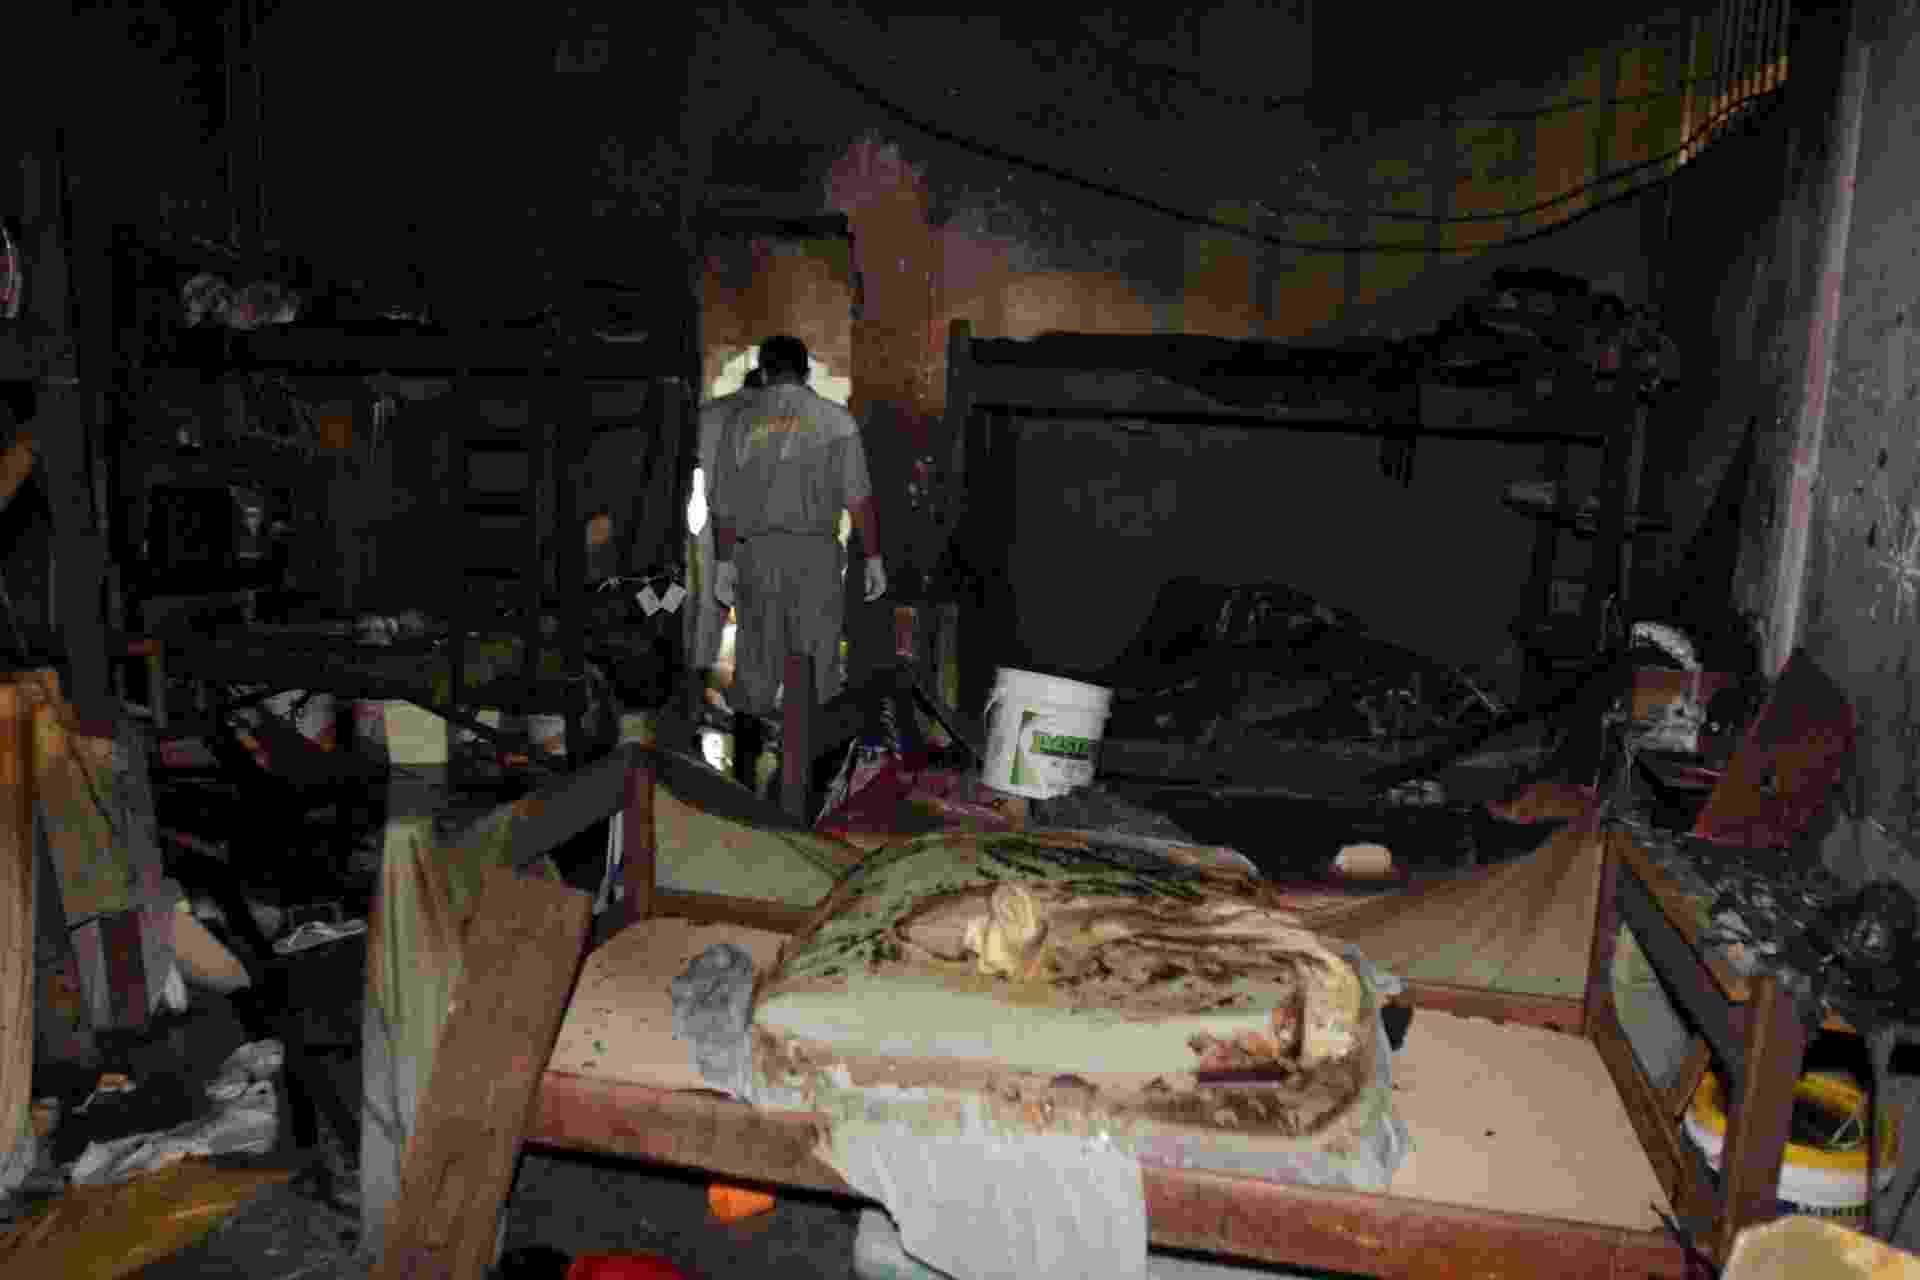 9.abr.2014 - Um incêndio em uma cela do Centro de Detenção Provisório de Icoaraci, em Belém, deixou cinco presos mortos e 27 feridos - Fábio Costa/Agência Pará